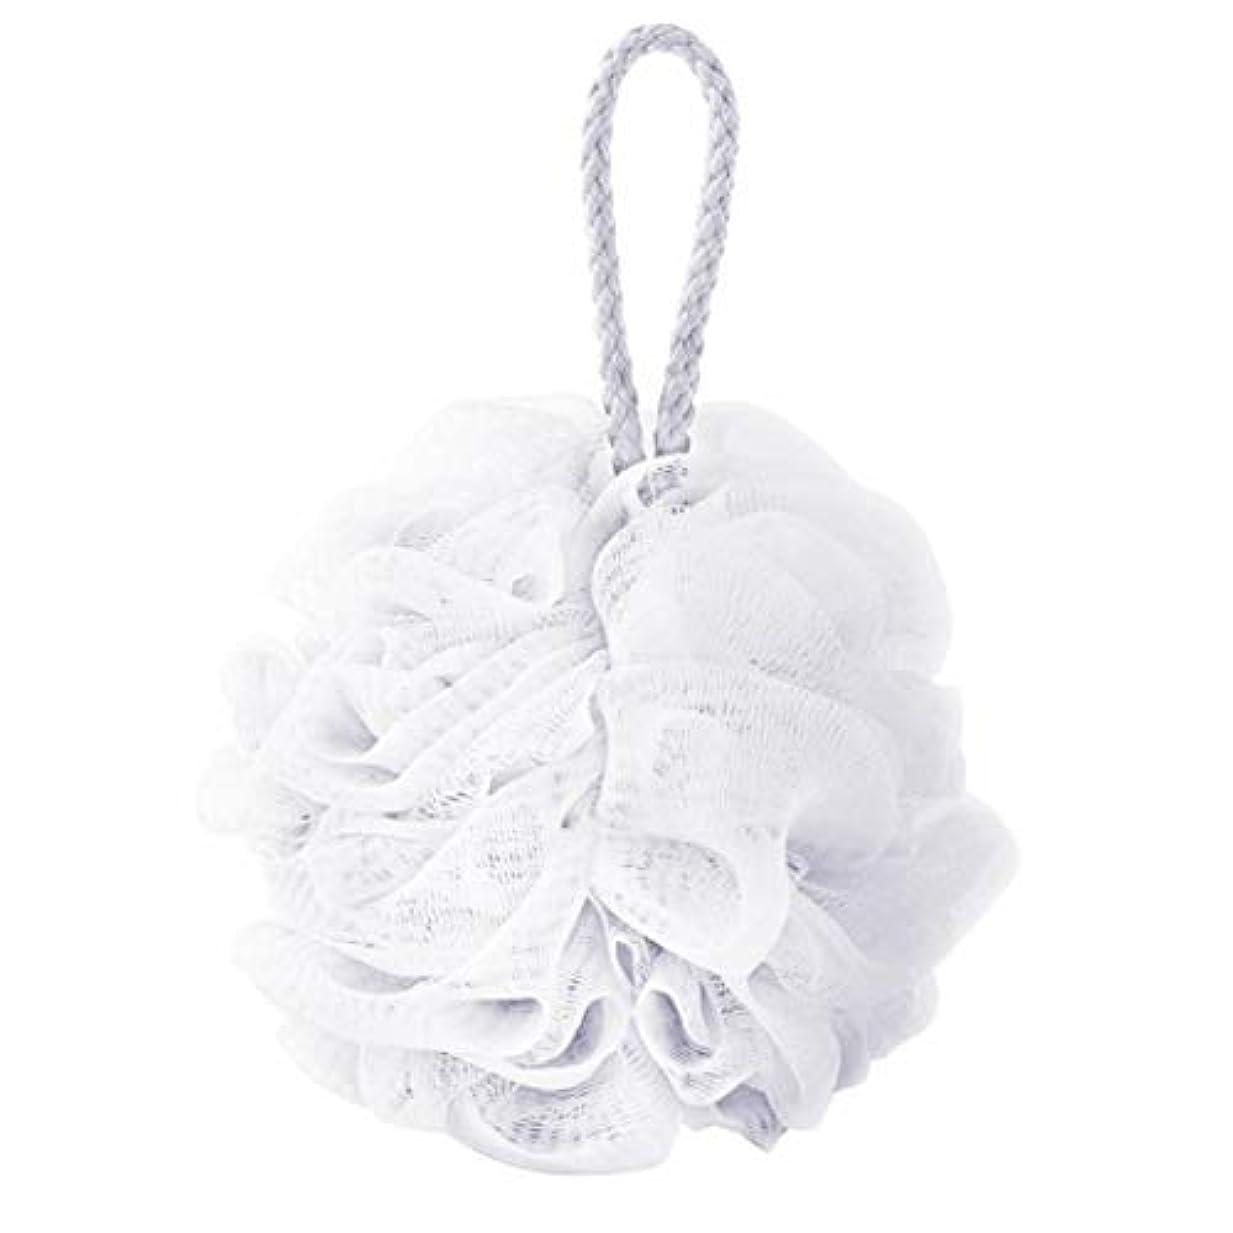 追放する意識特定のcomentrisyzソフトシャワー入浴ボールブラシ泡泡ネットボディスクラブ洗浄ツール - ホワイト